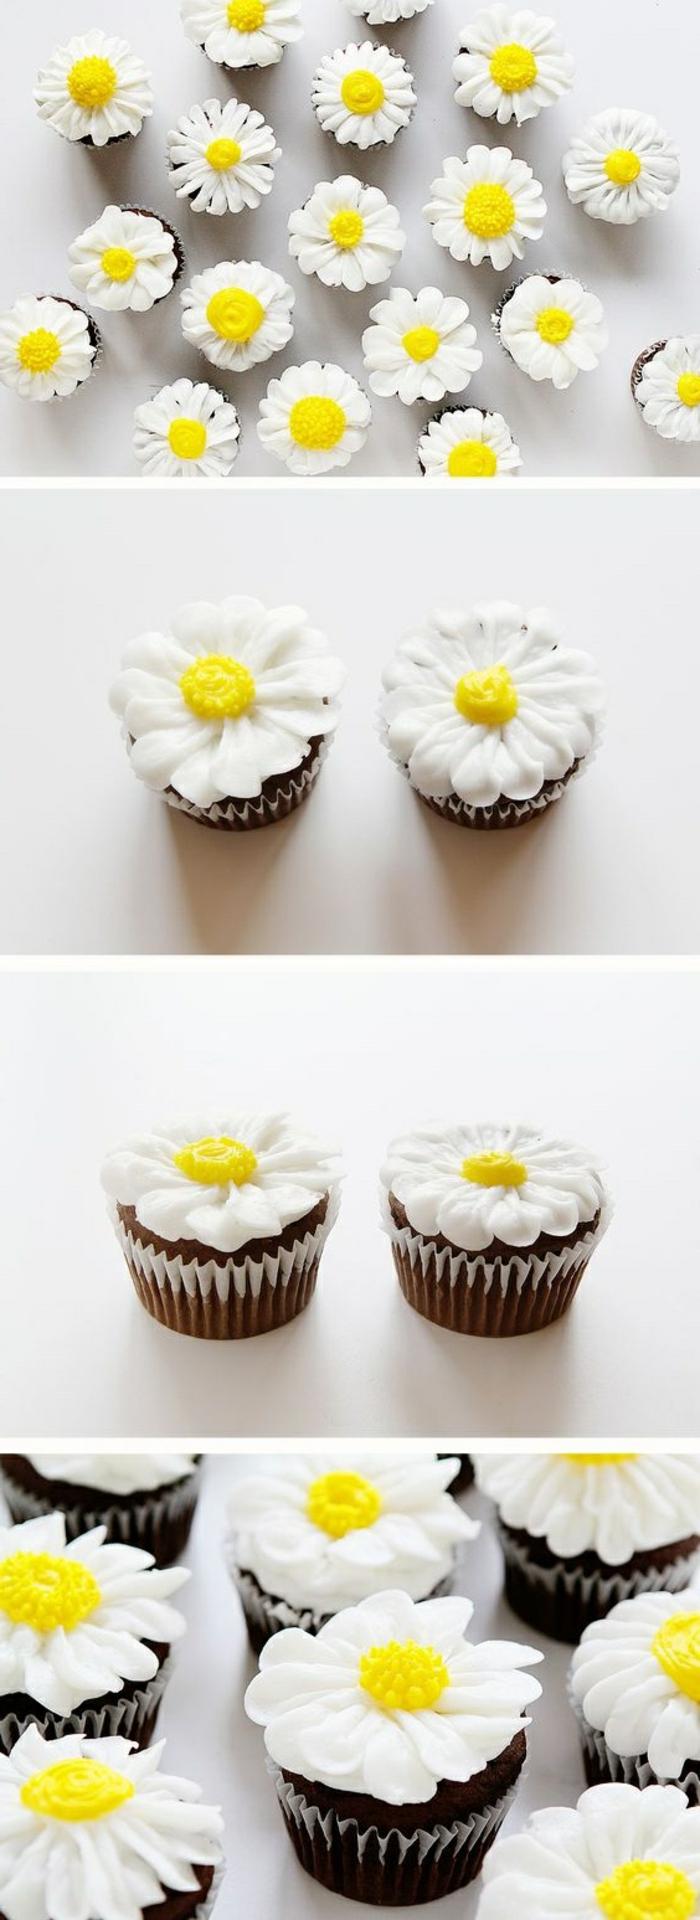 schoko-cupcakes dekoriert mit weißen gänsenblumen